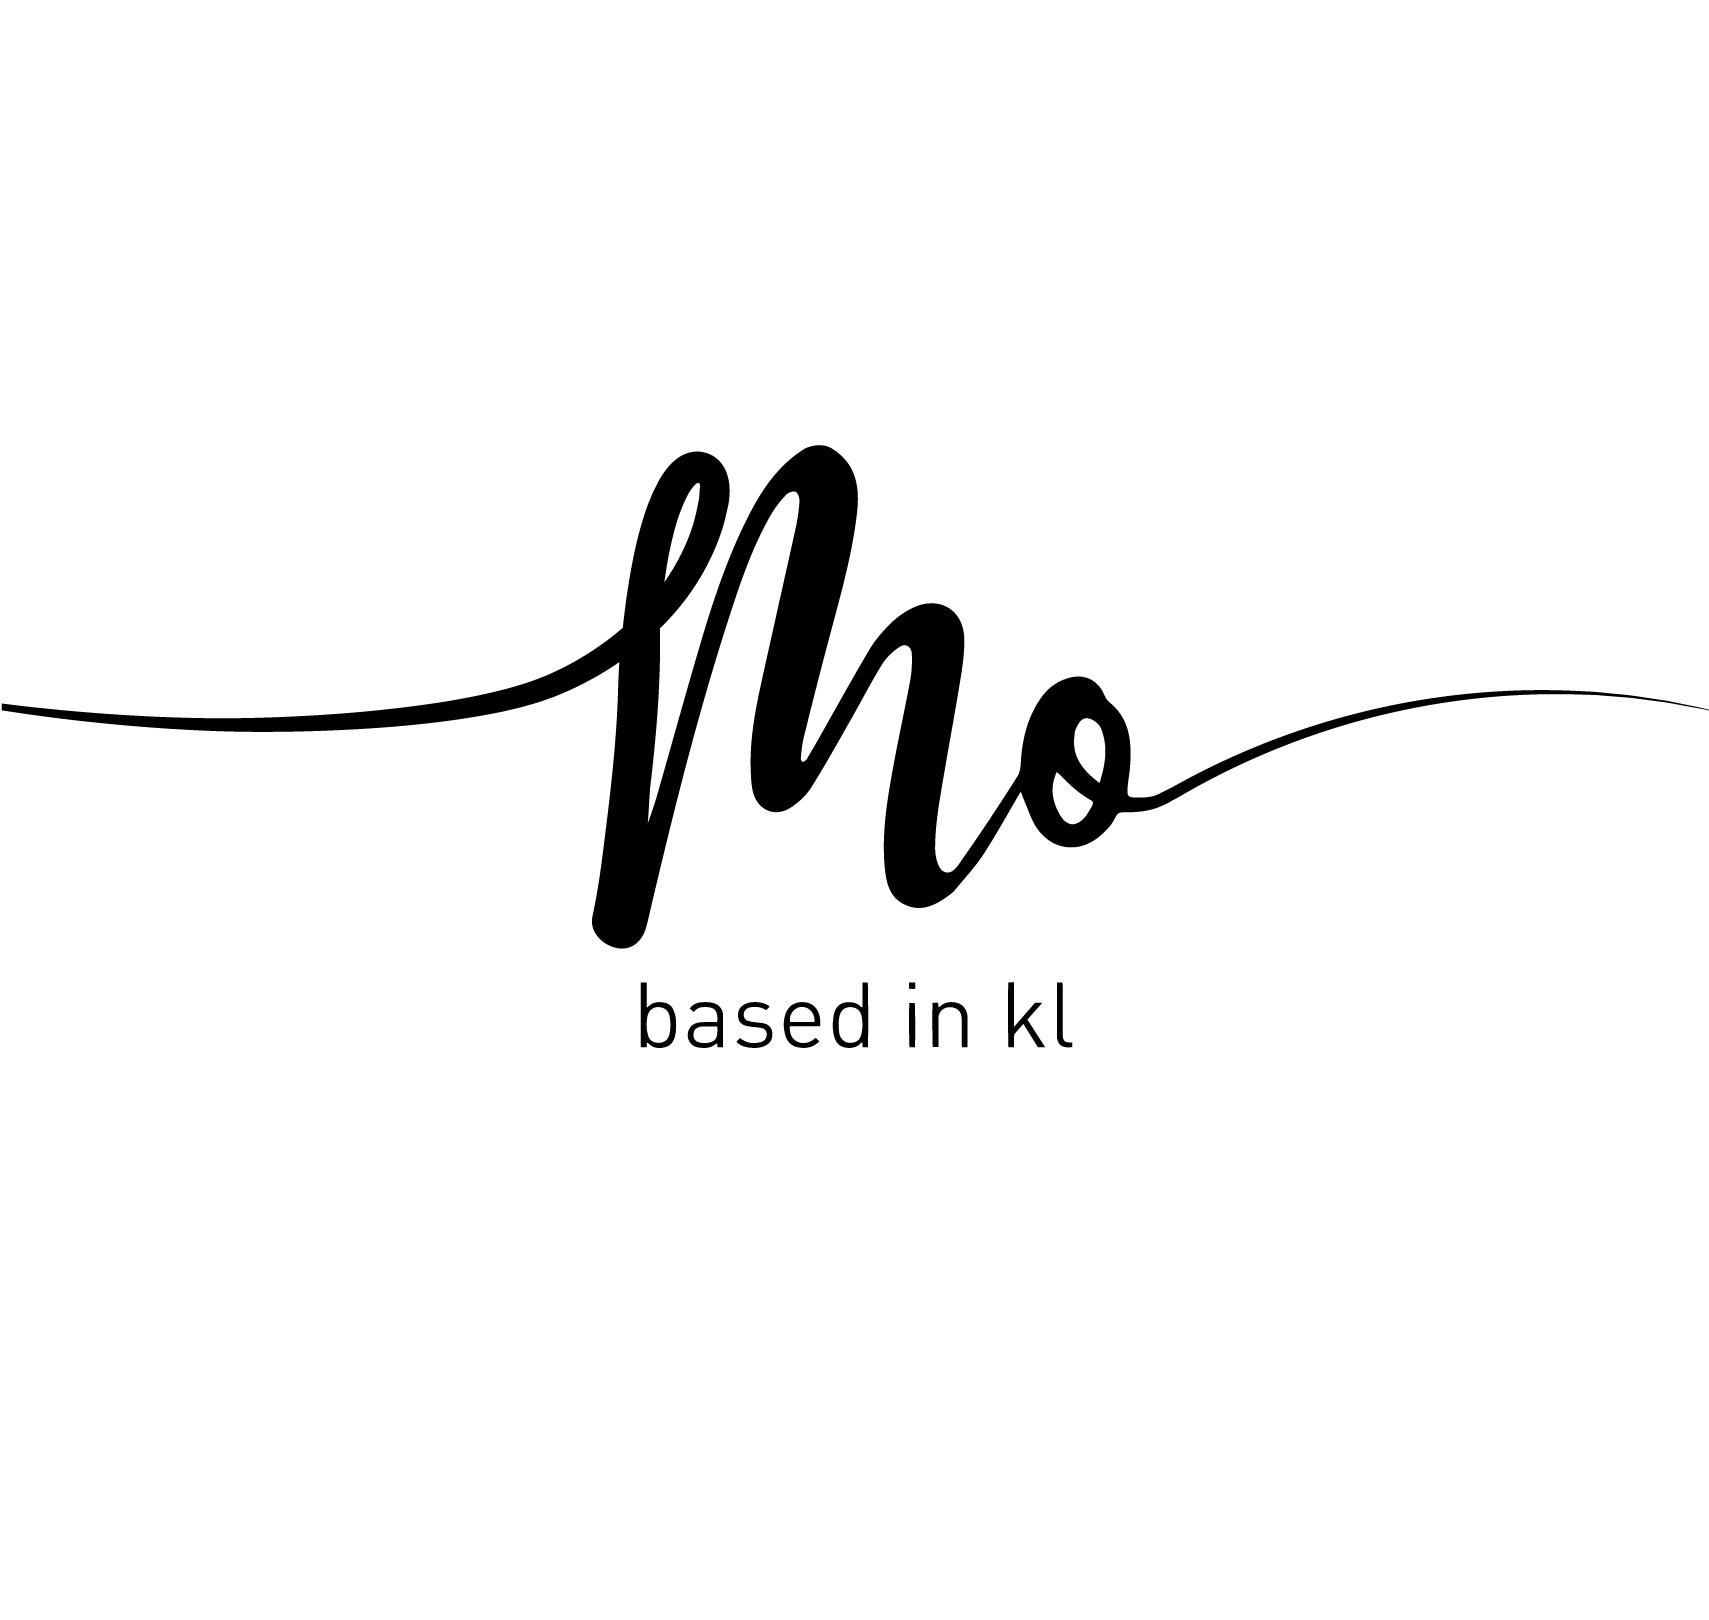 MO KL